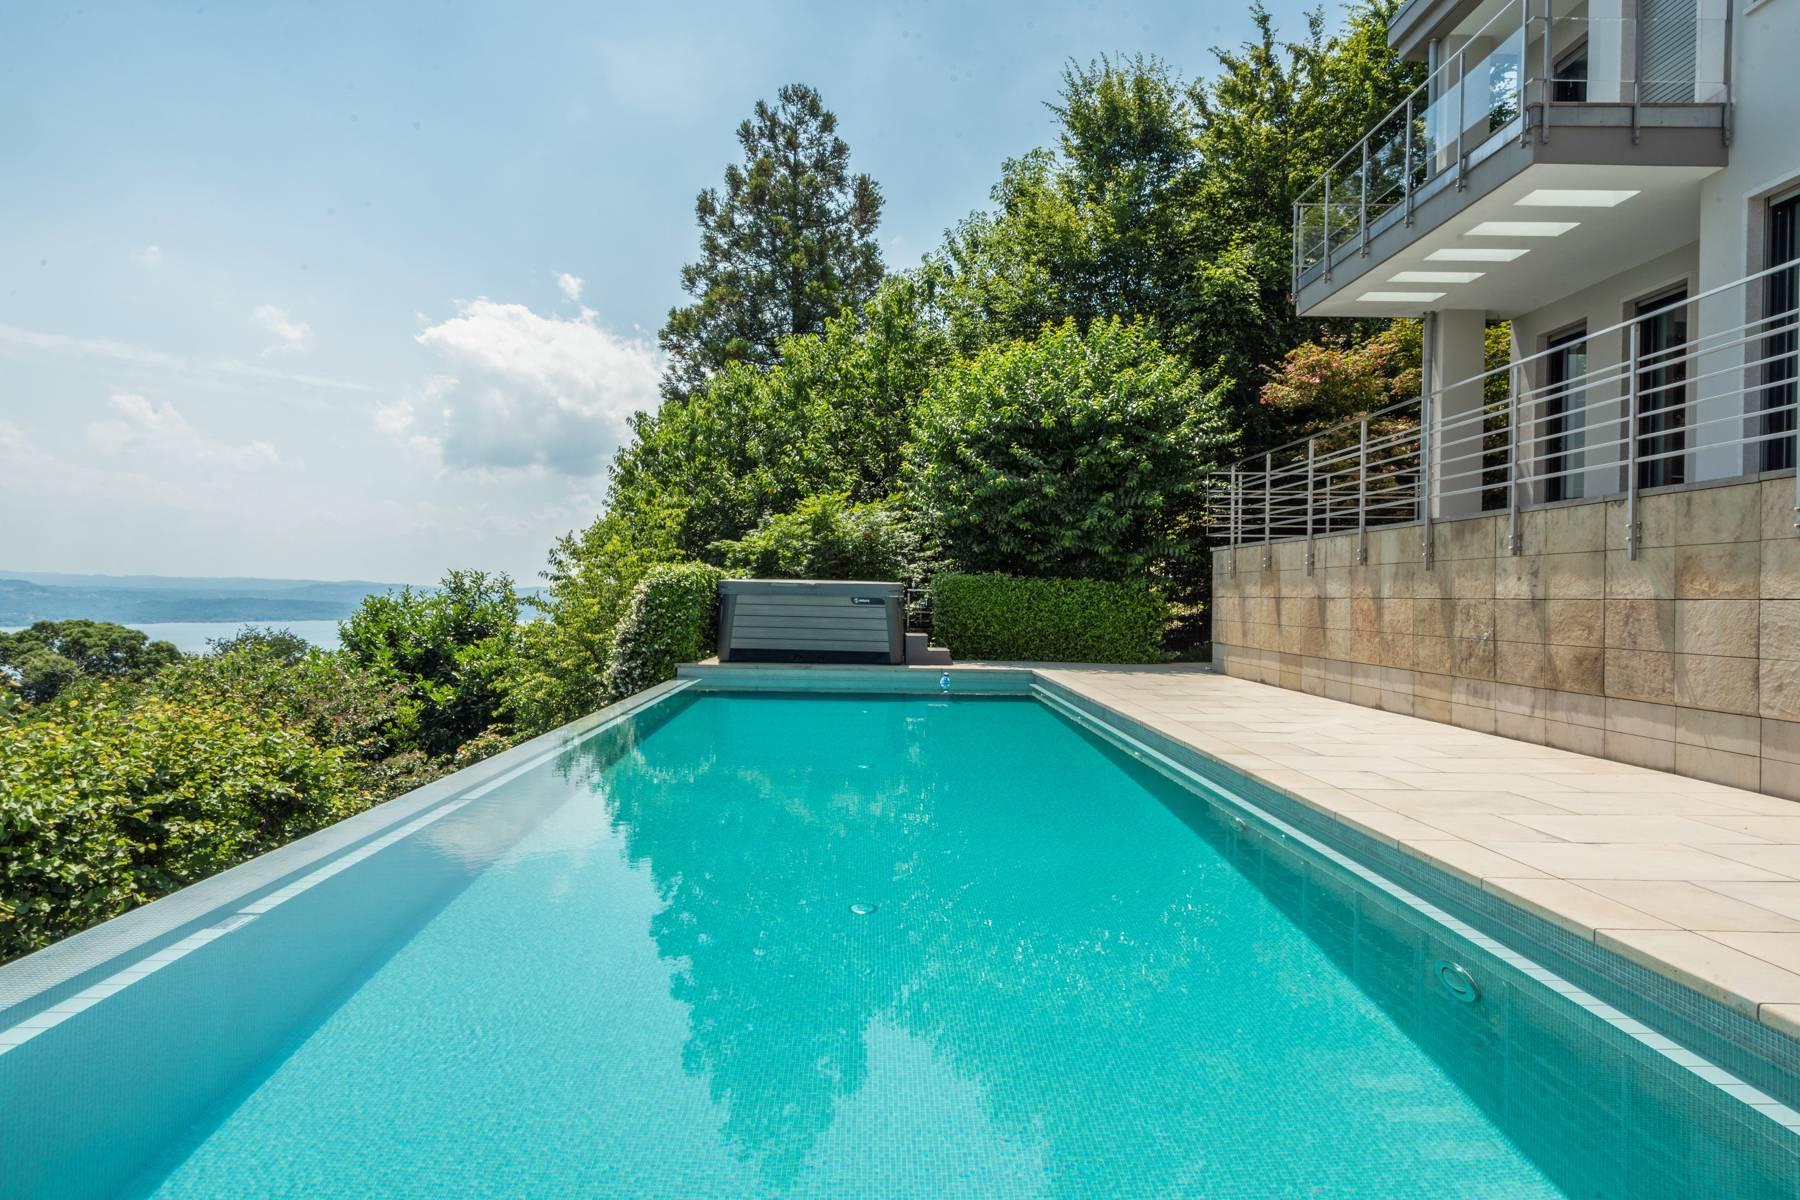 Fabulous Villa on the hills of Stresa - 42